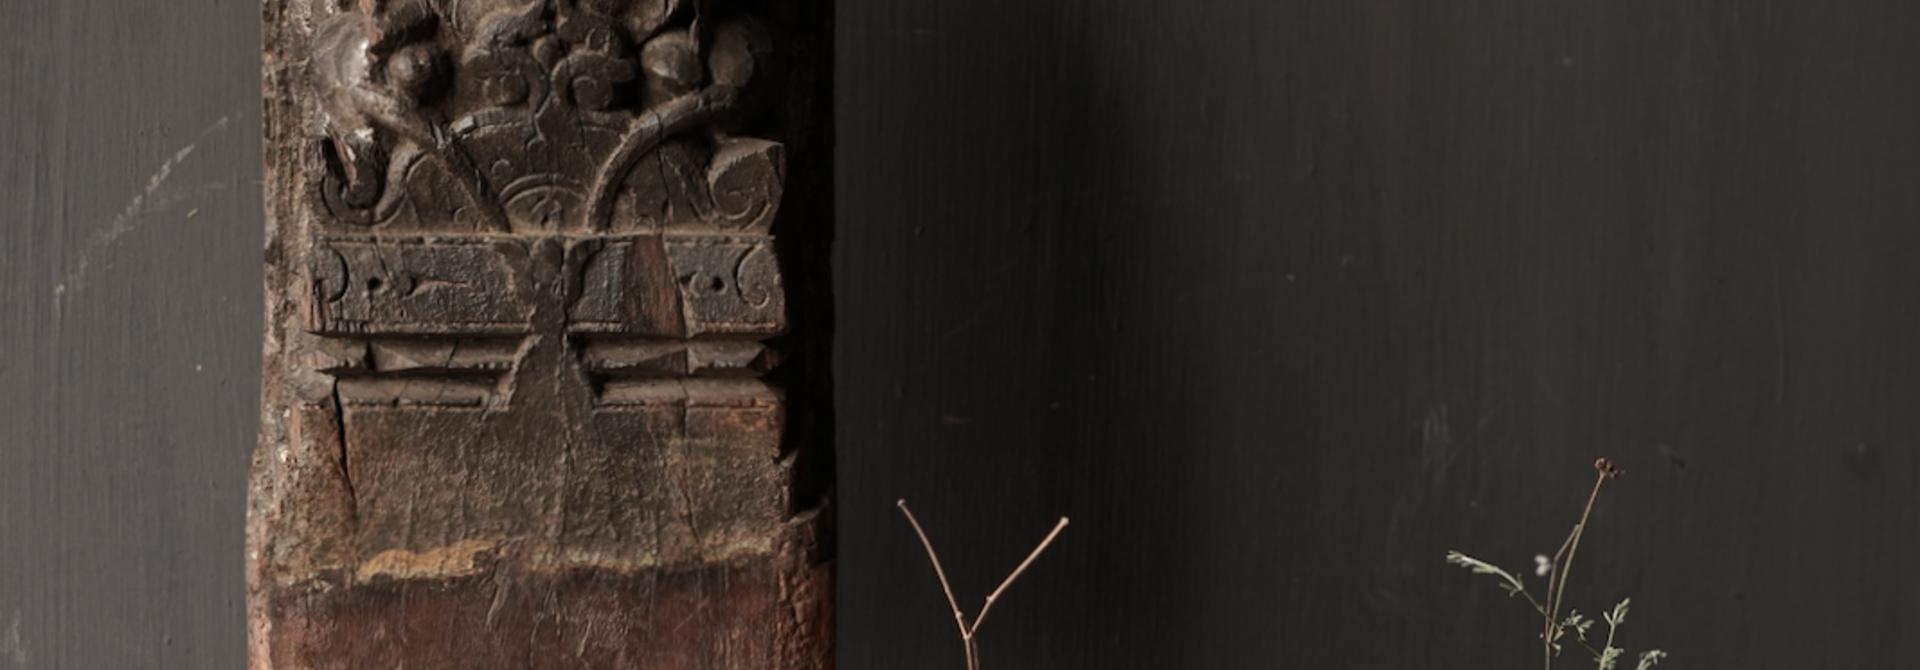 Holzverzierung auf Eisenständer